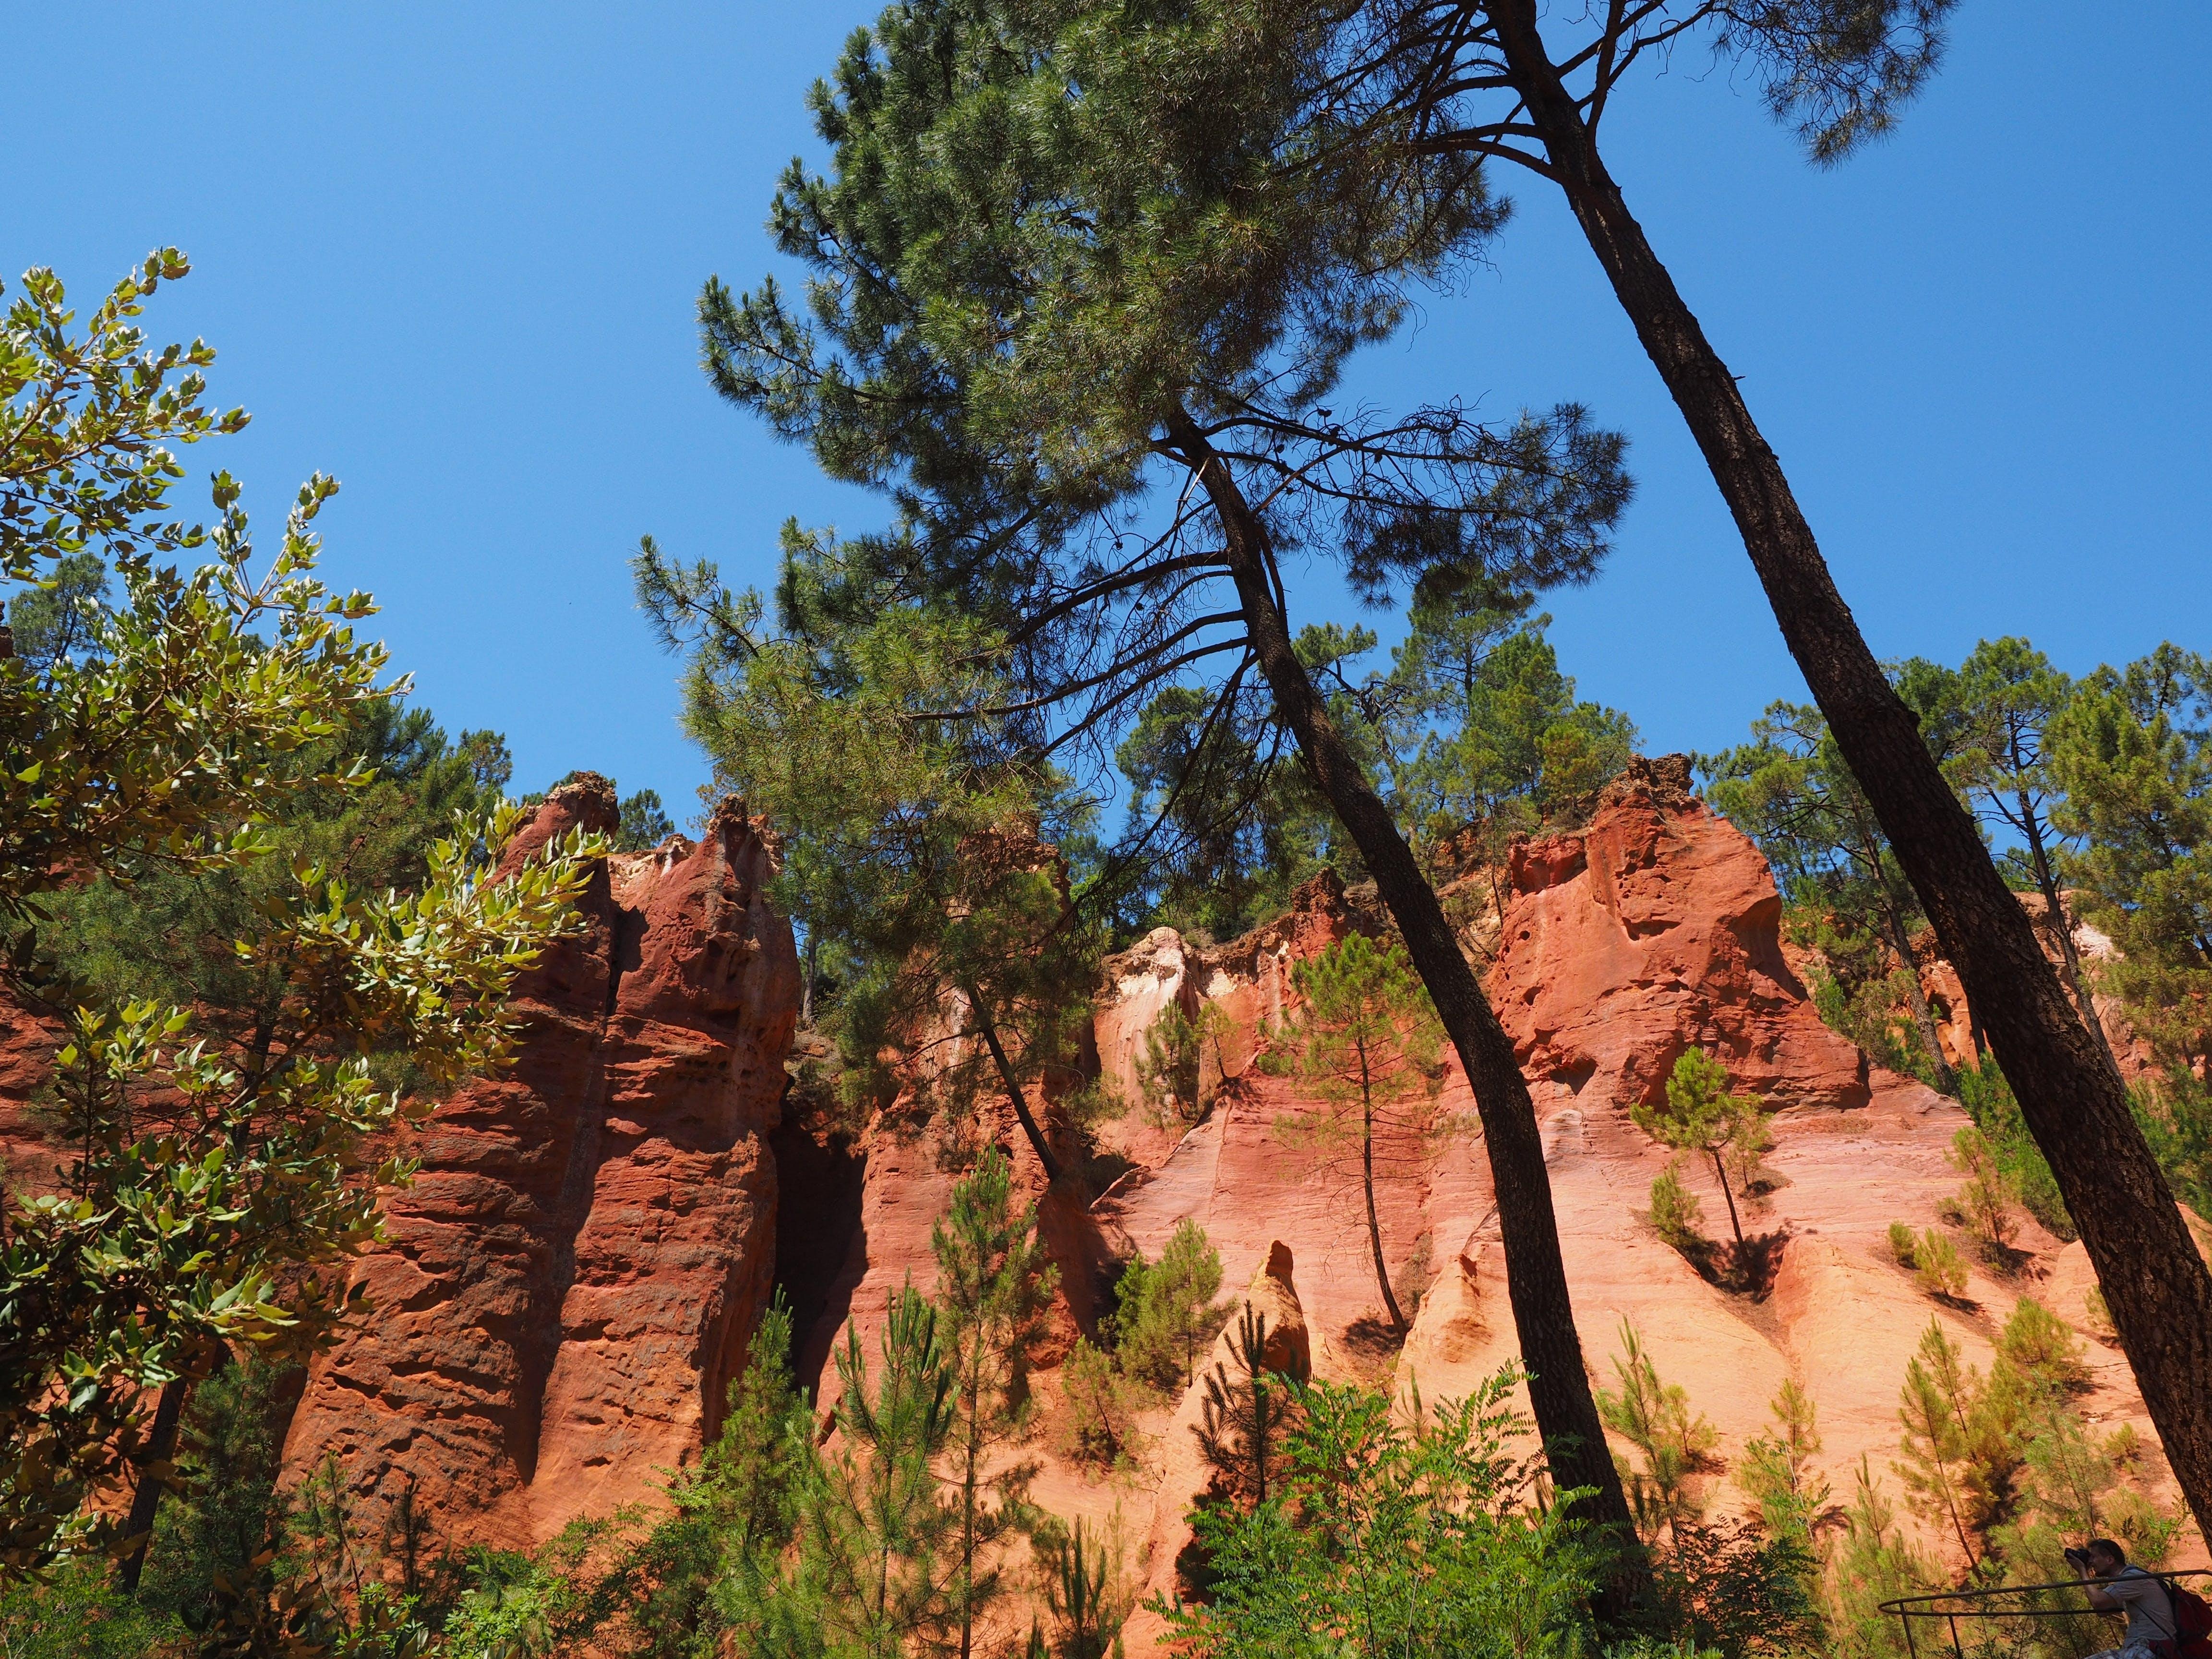 Tall Tree Near Cliff